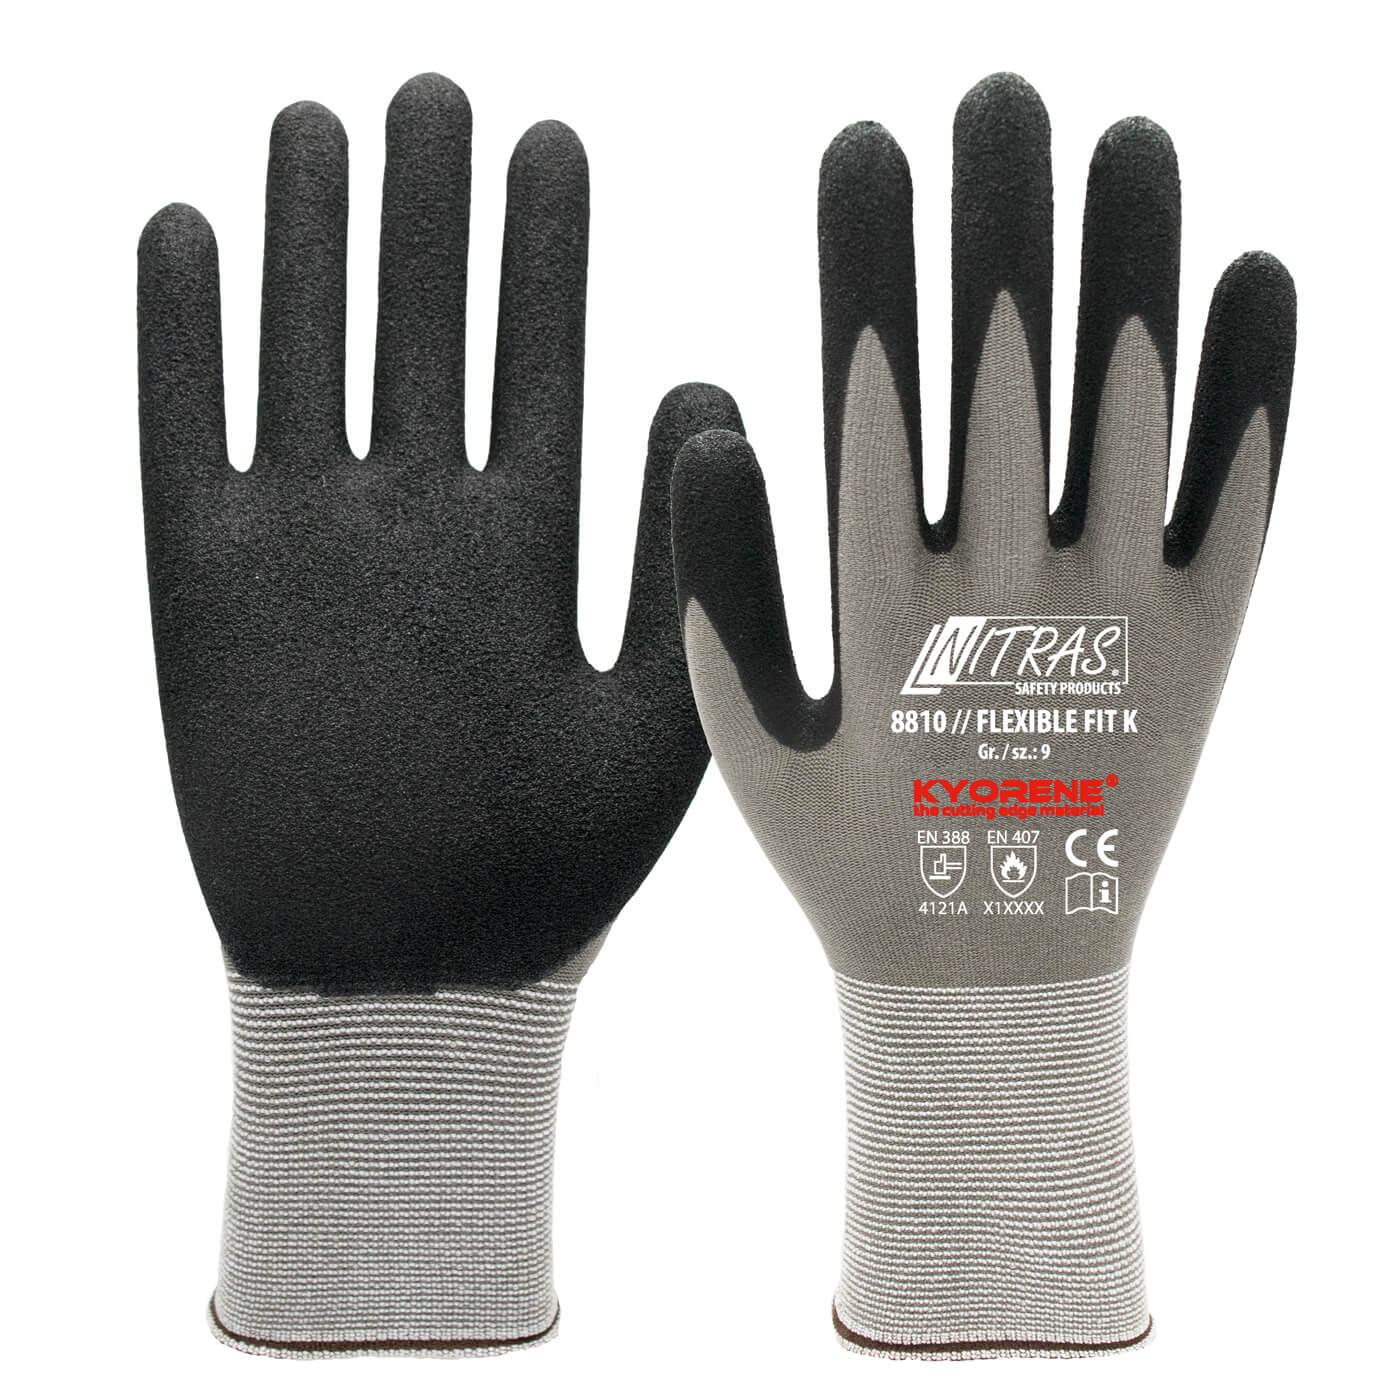 Rękawice montażowe Nitras 8810/ FLEXIBLE FIT K